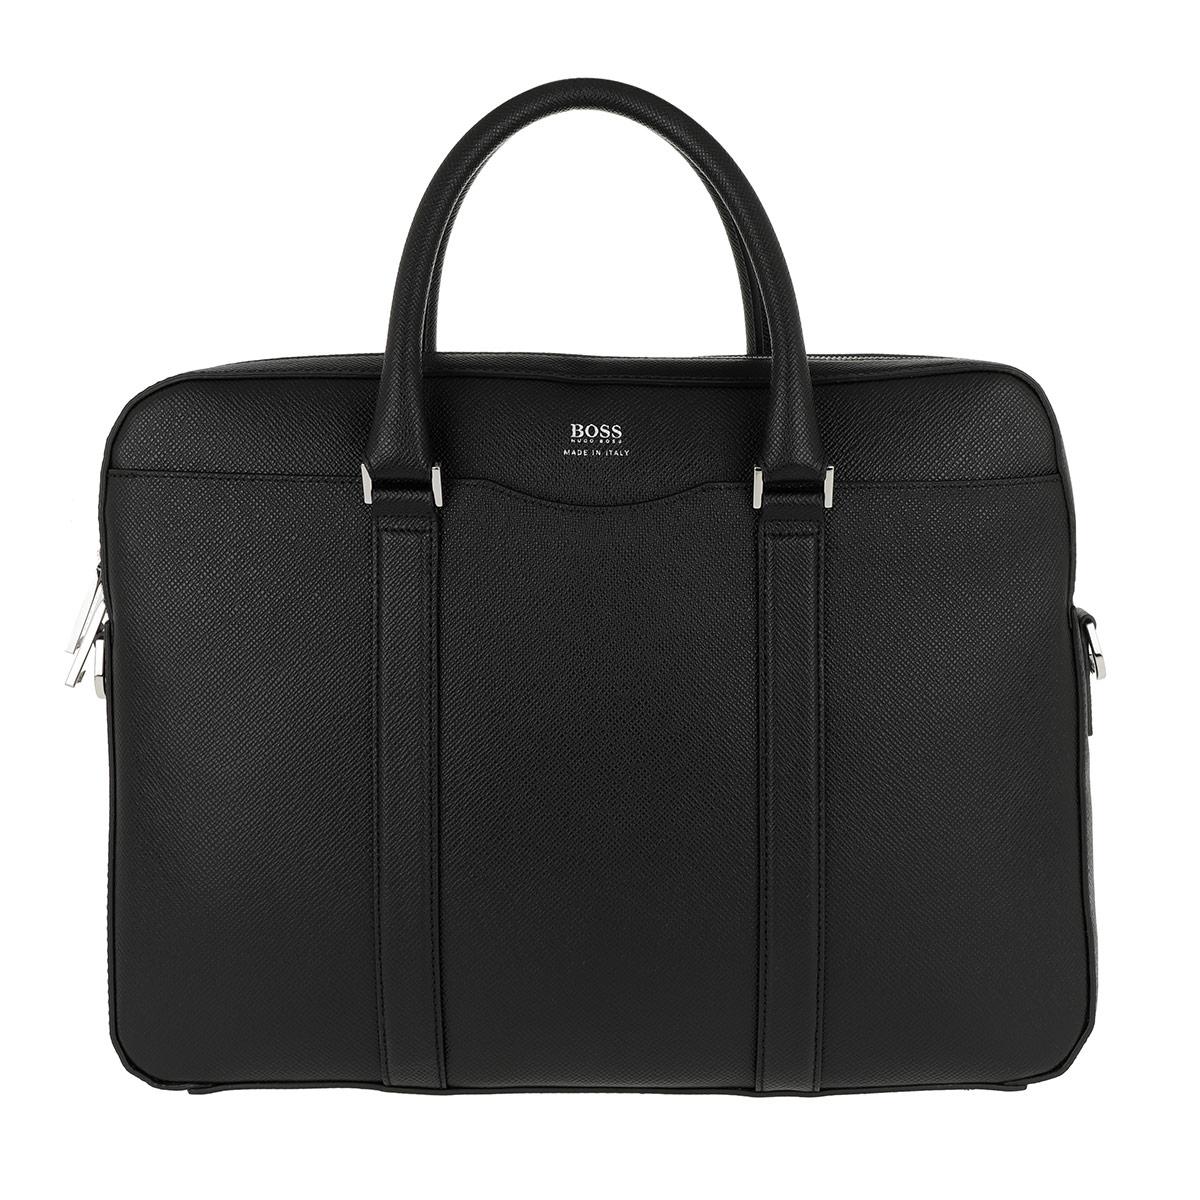 Boss Aktentasche - Signature Workbag Black - in schwarz - für Damen